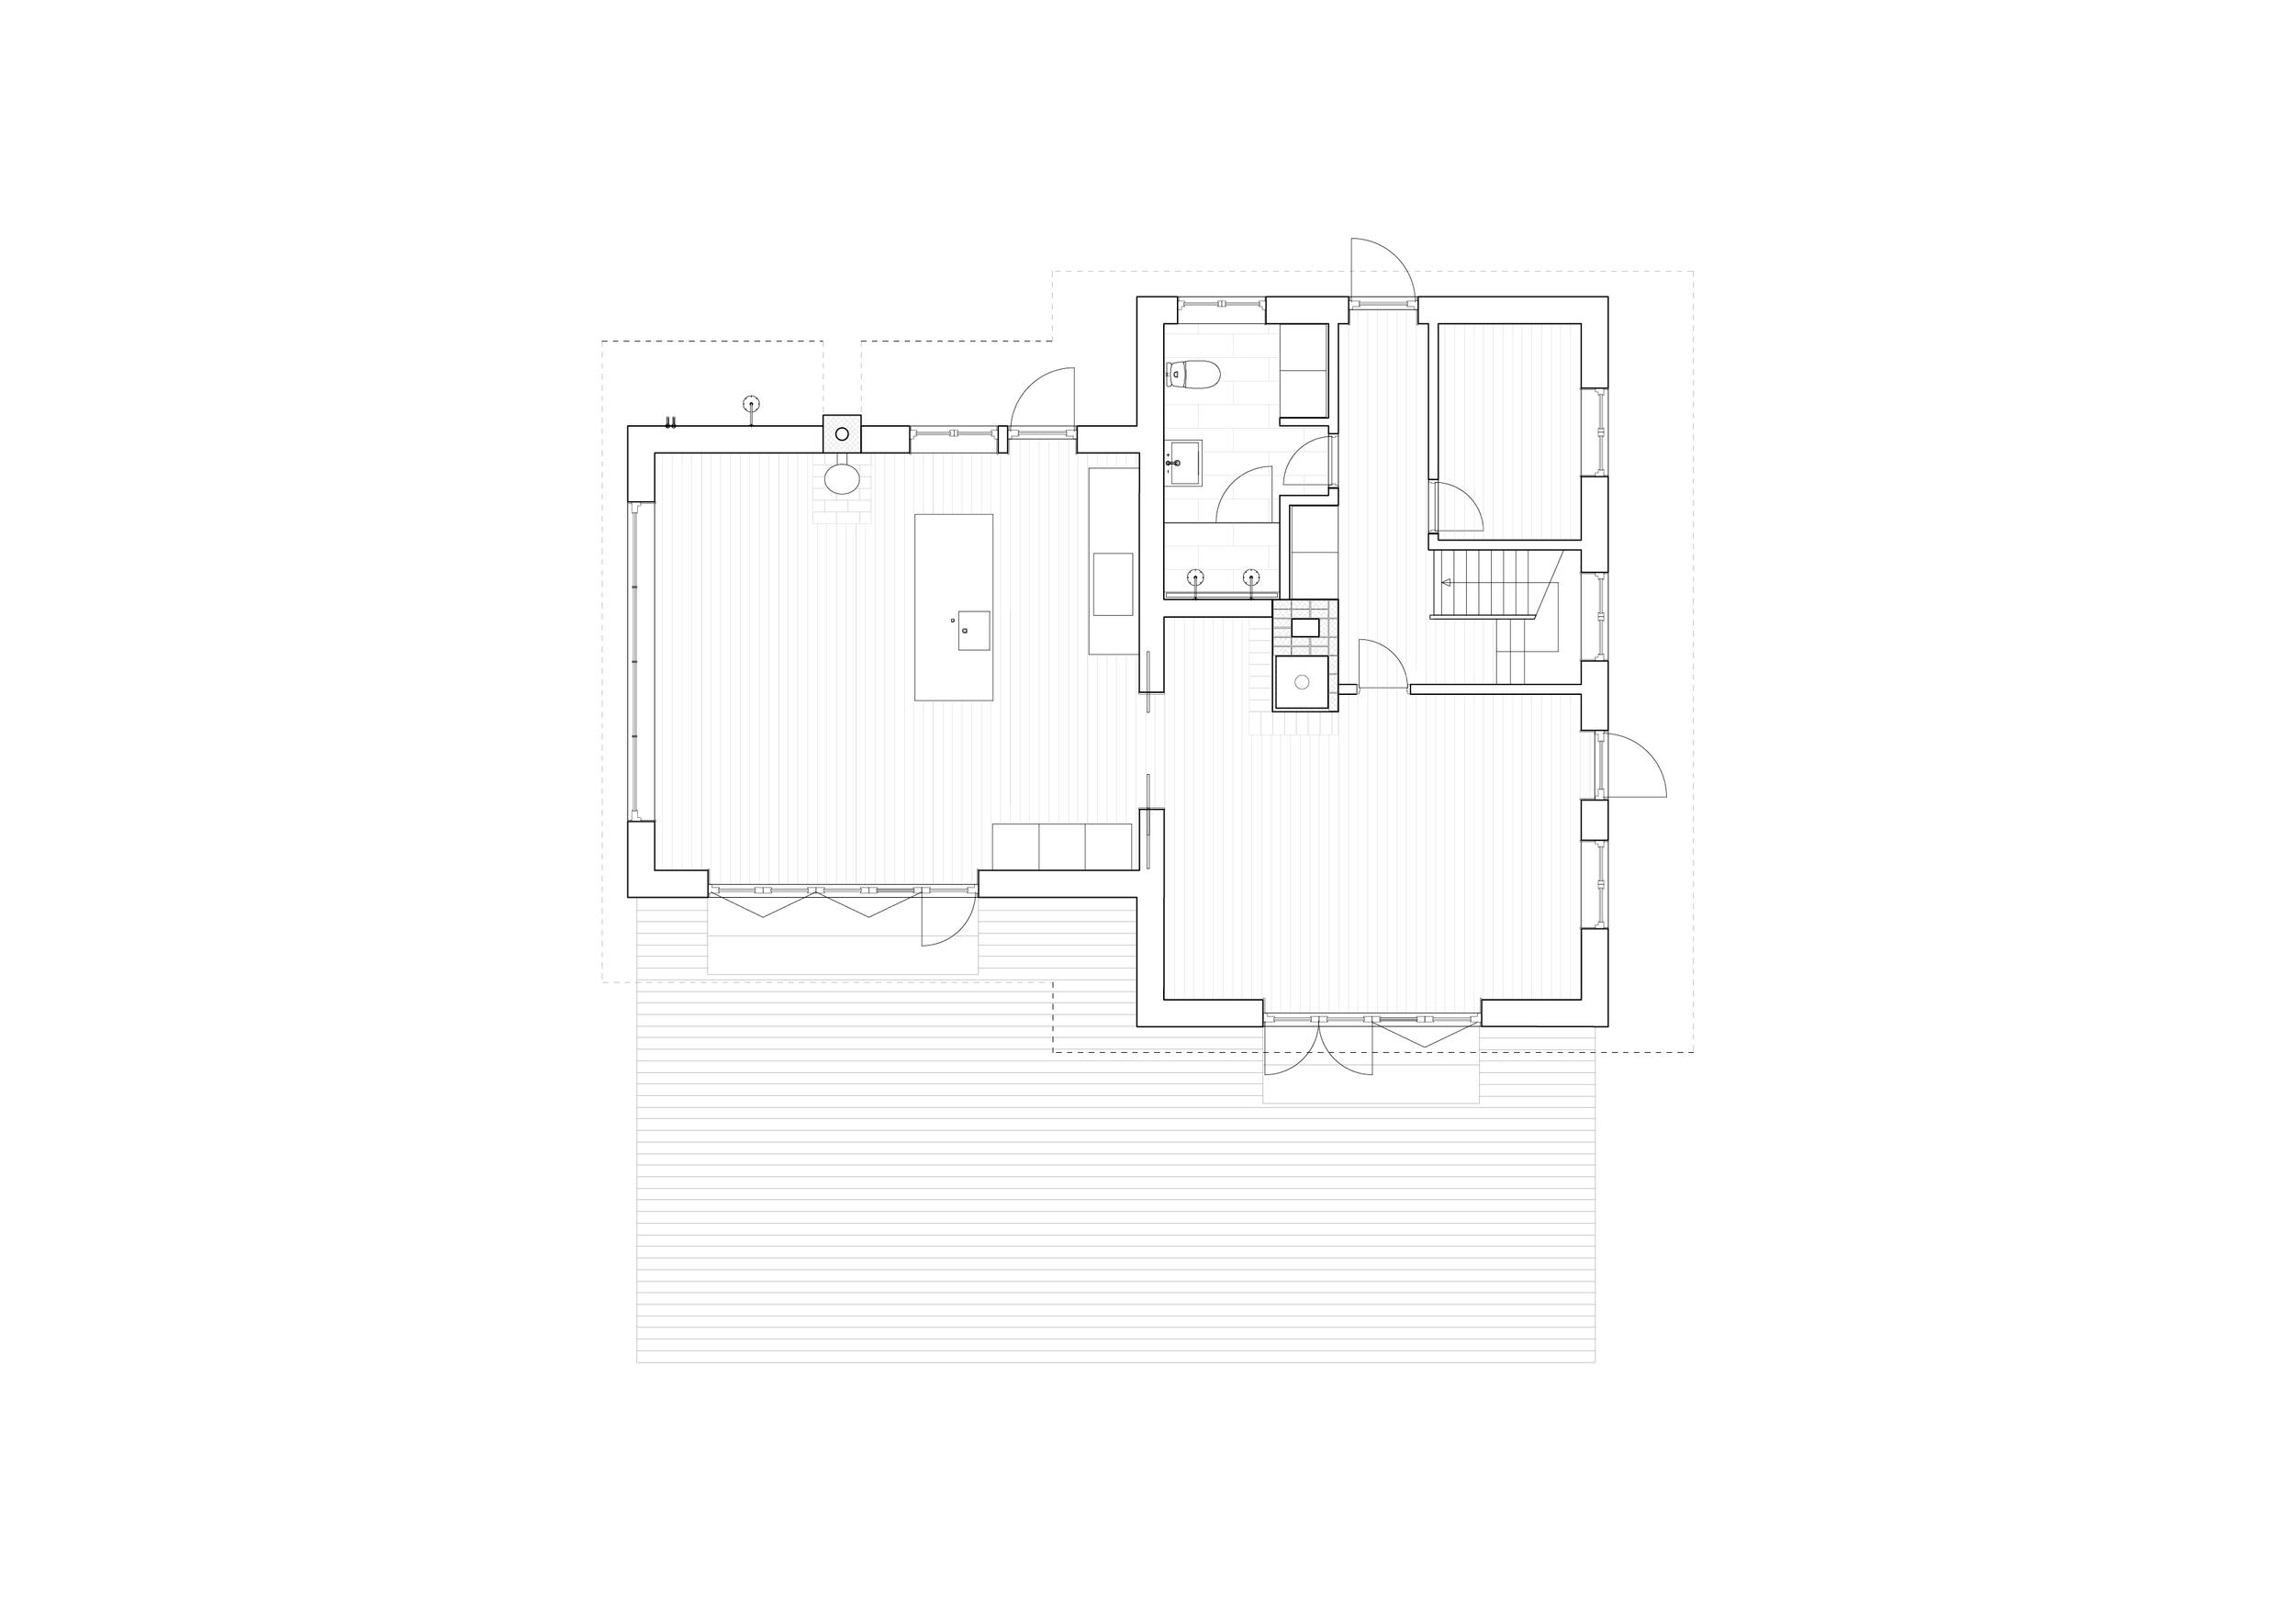 KIV_plan-01.png